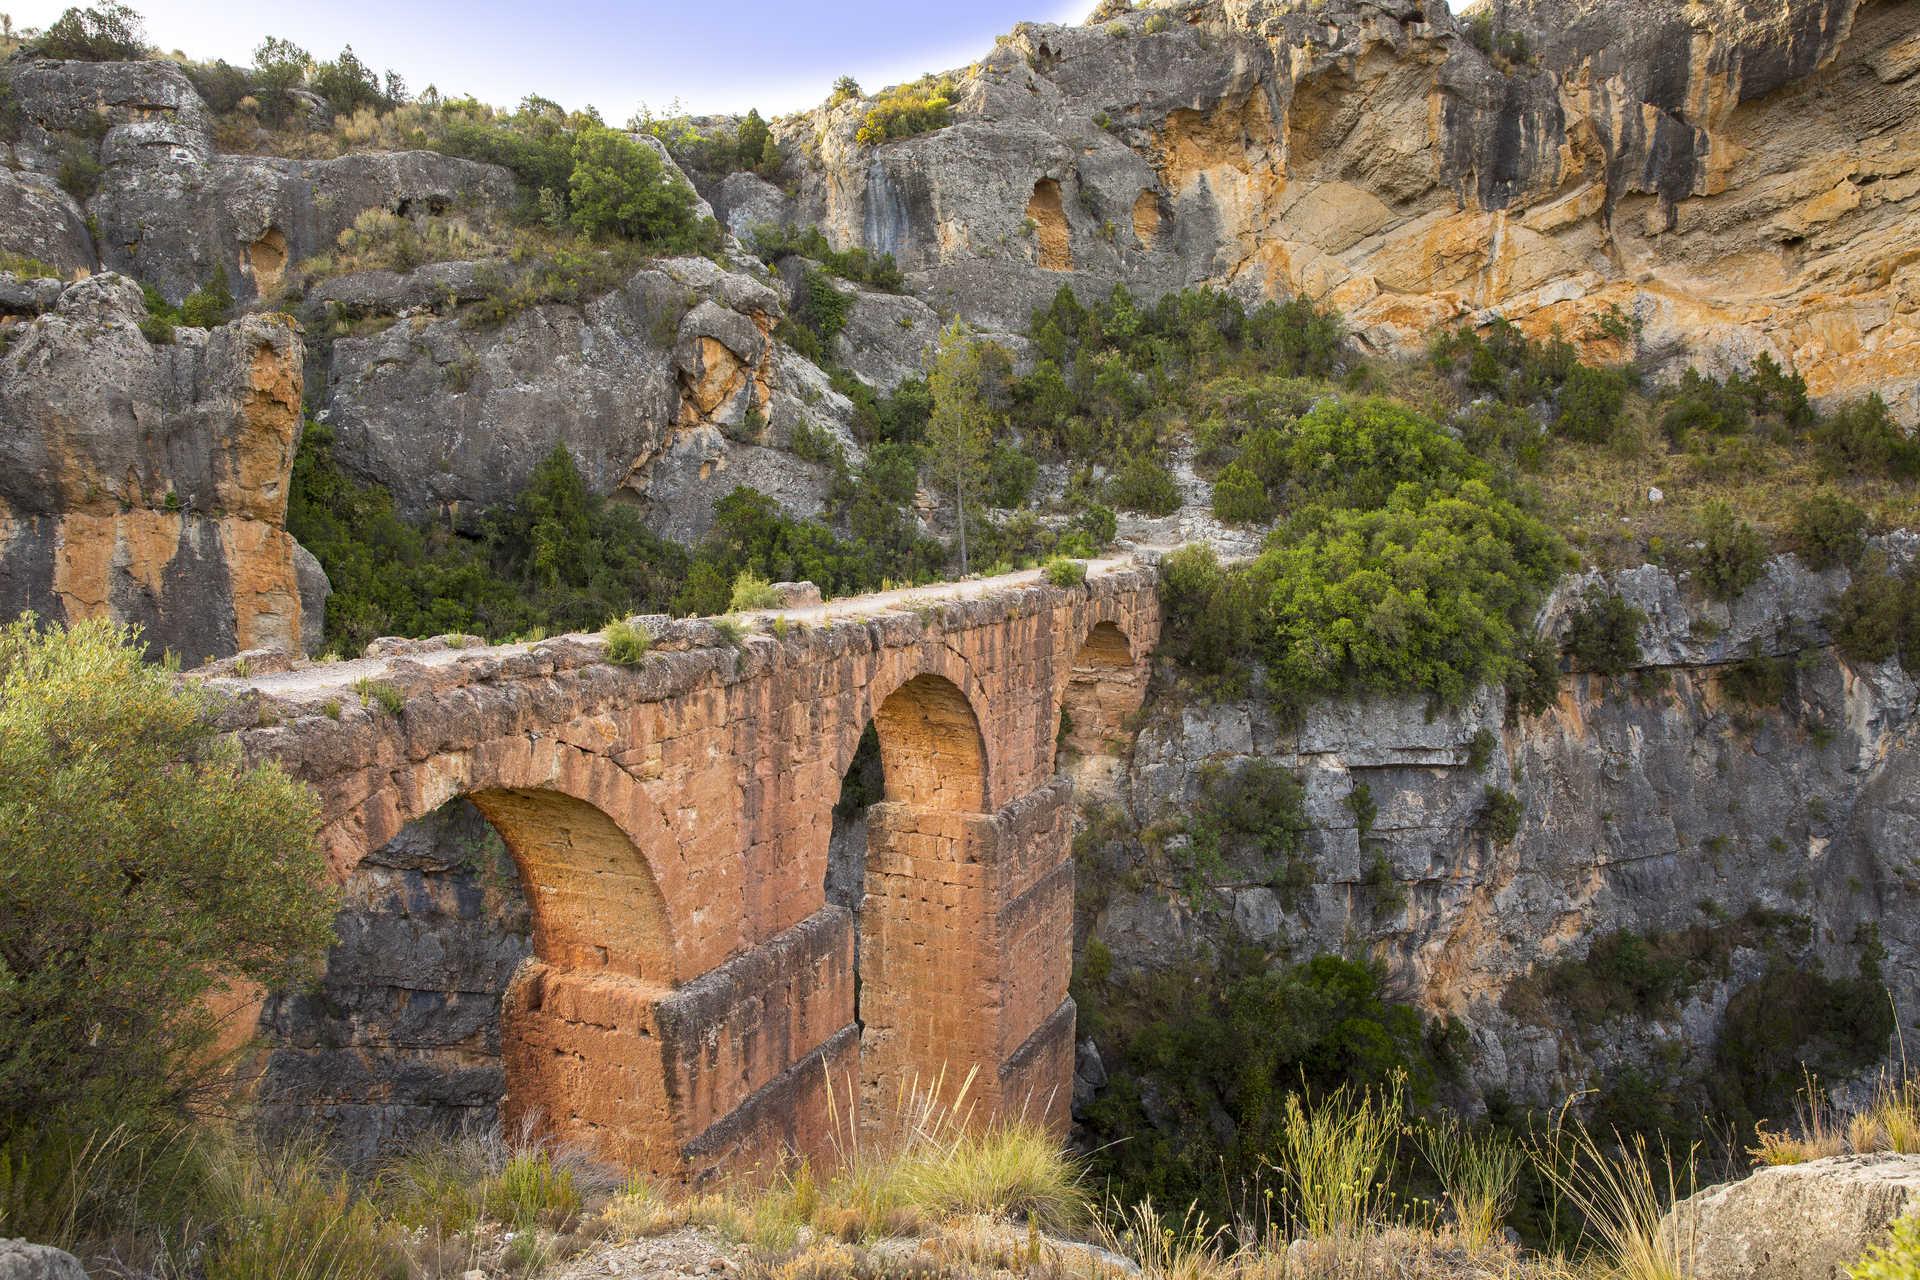 Peña Cortada Aqueduct